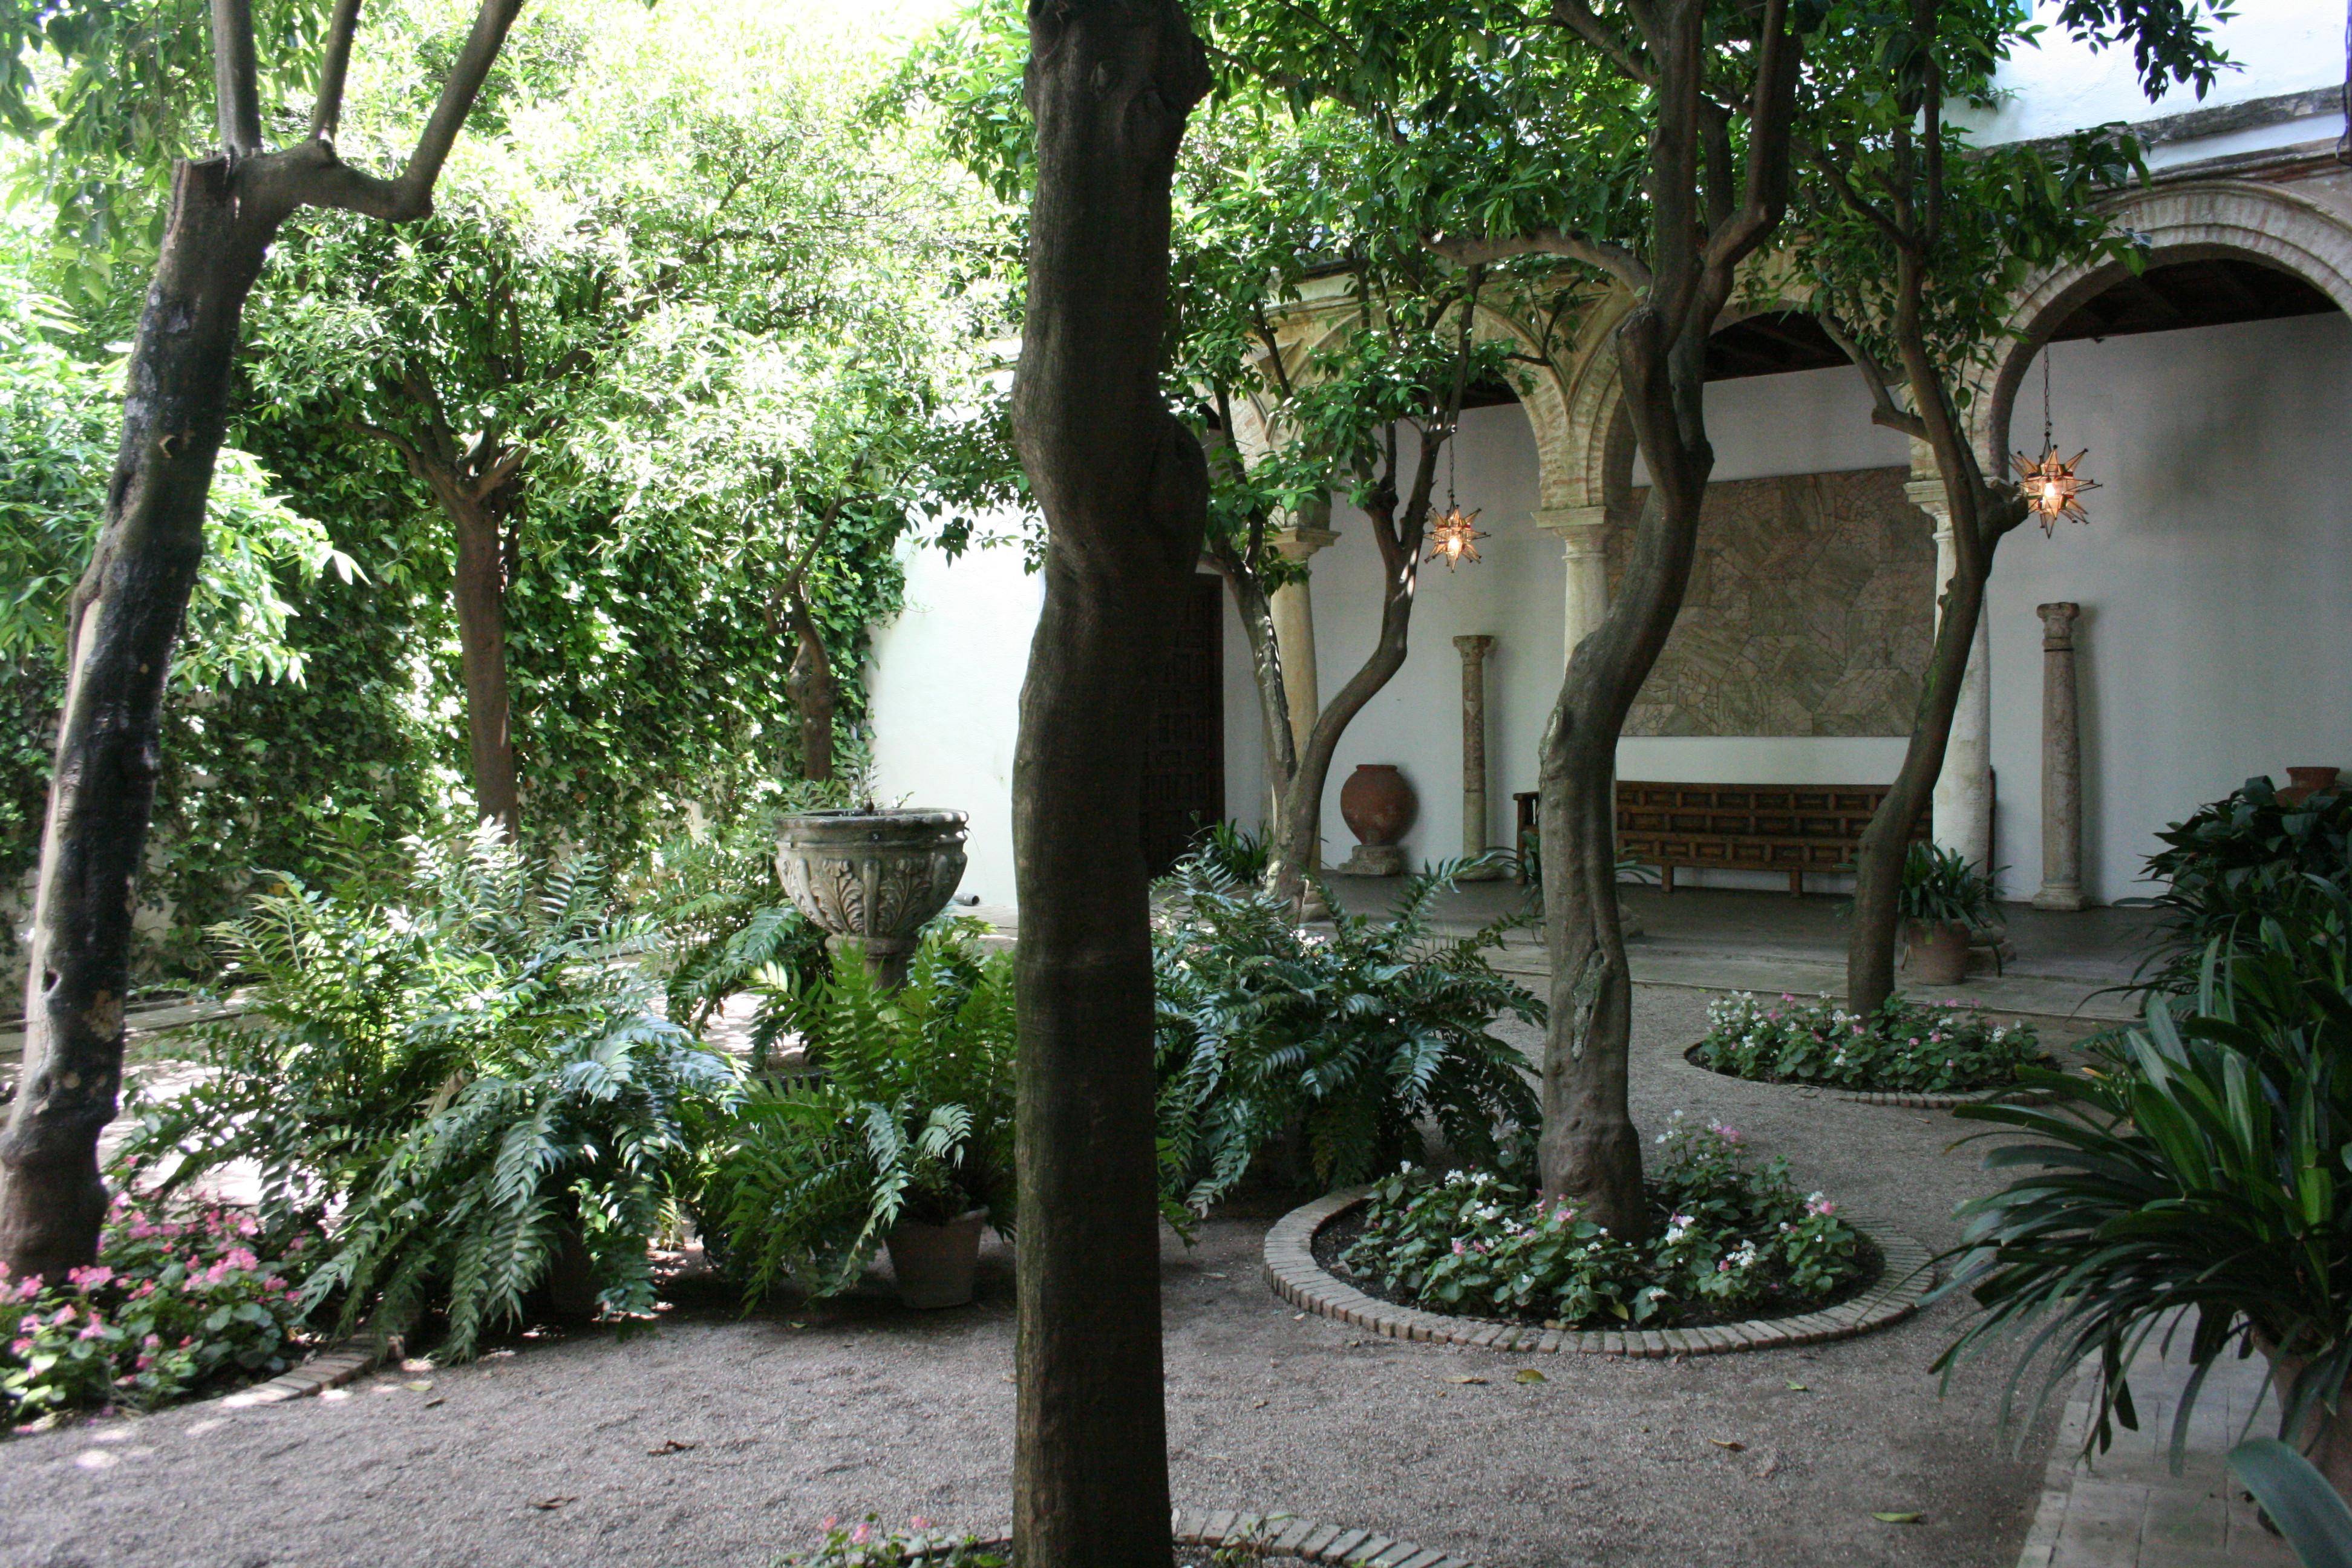 1000 images about home landscape on pinterest olive for Courtyard landscape oostburg wi